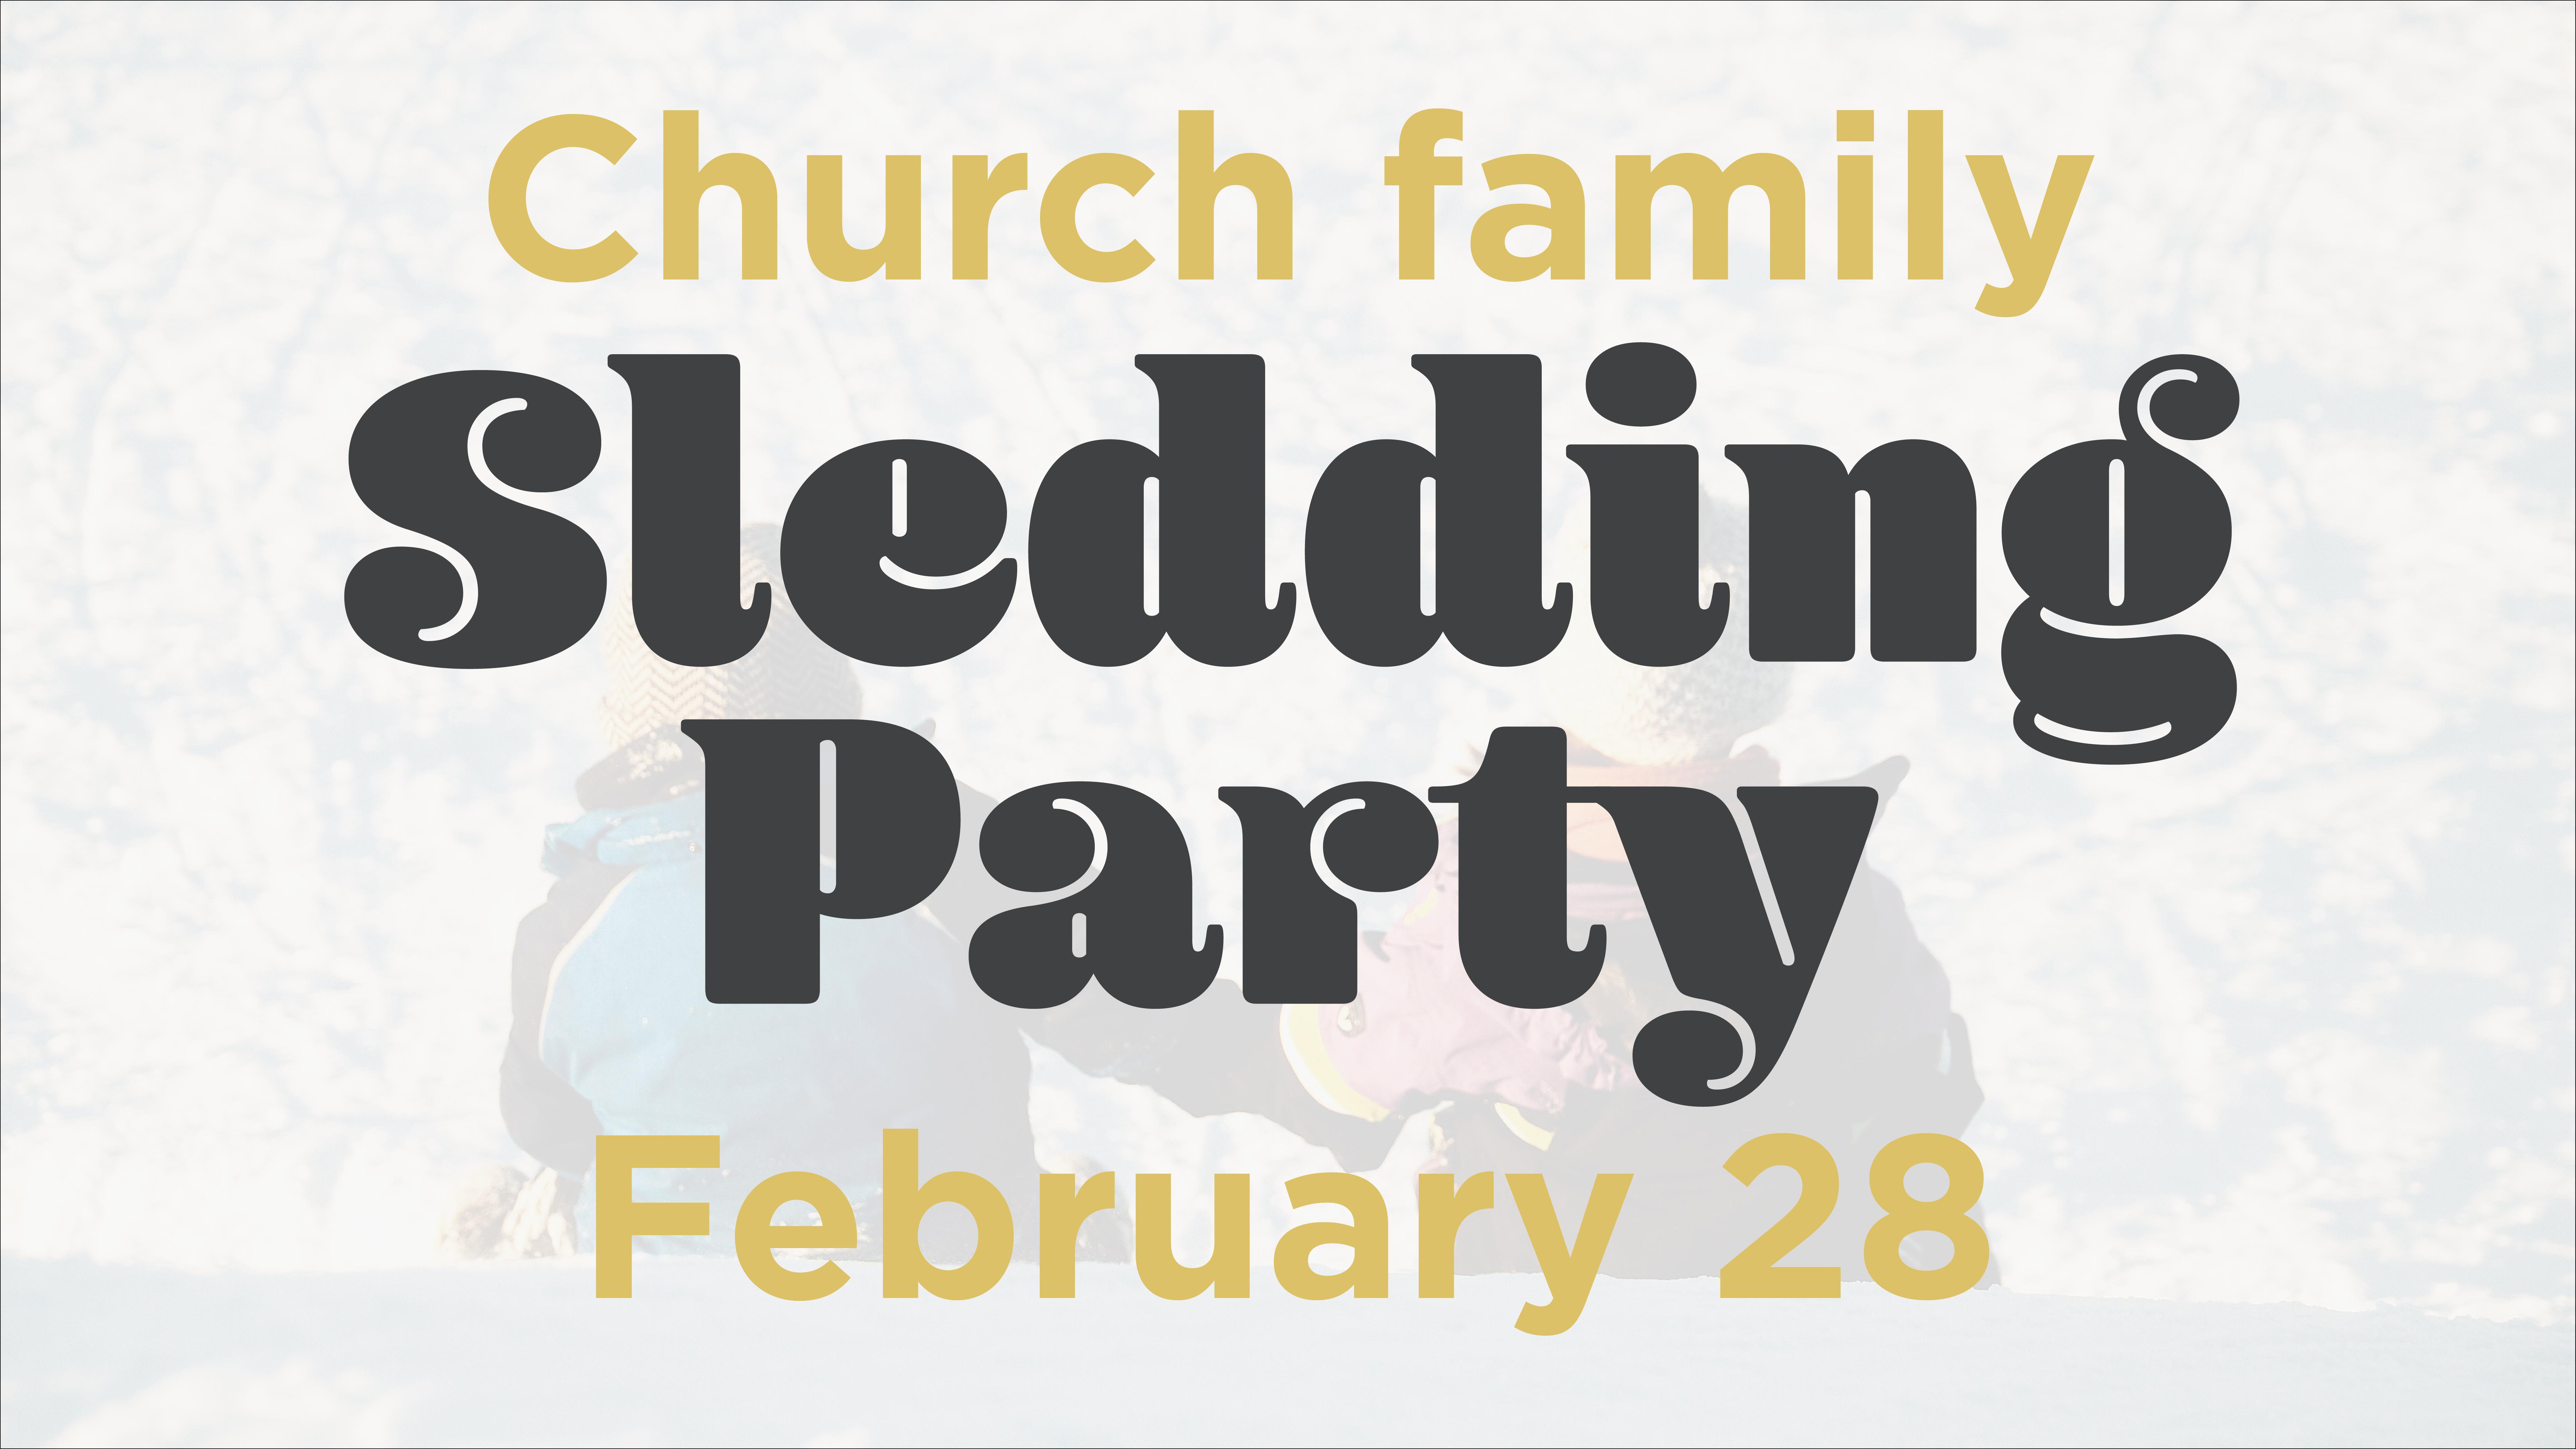 Sledding party 2.28